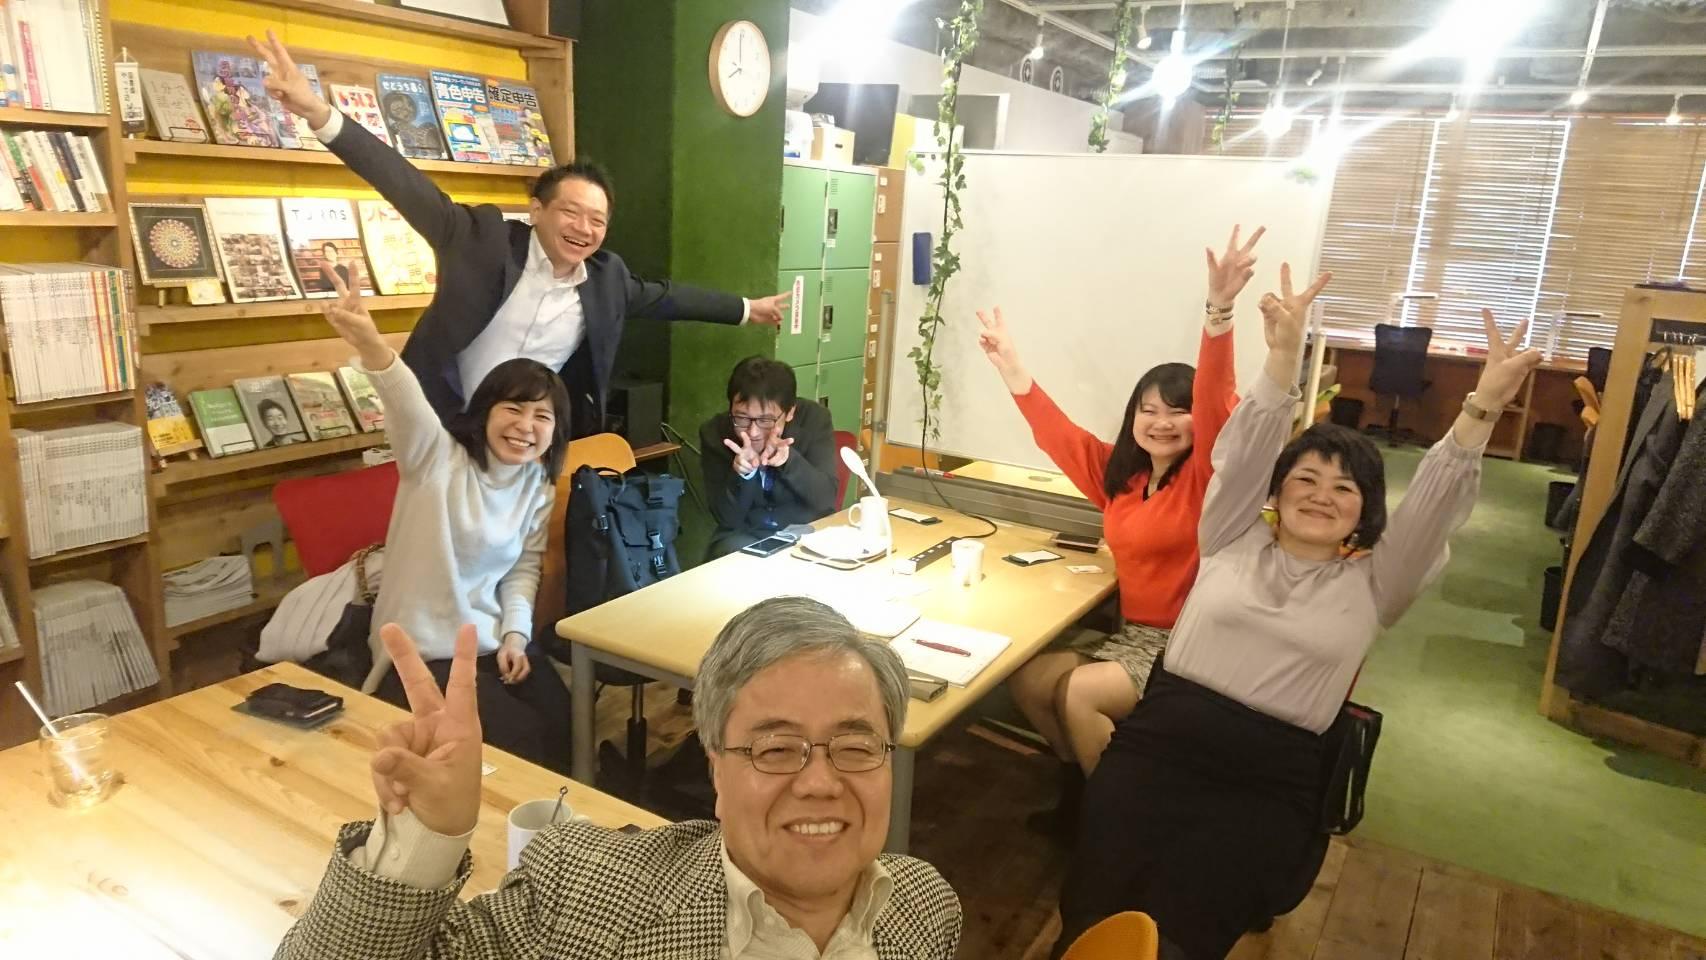 激安ごはん+味噌汁モーニング | 毎週木曜日は朝活から!